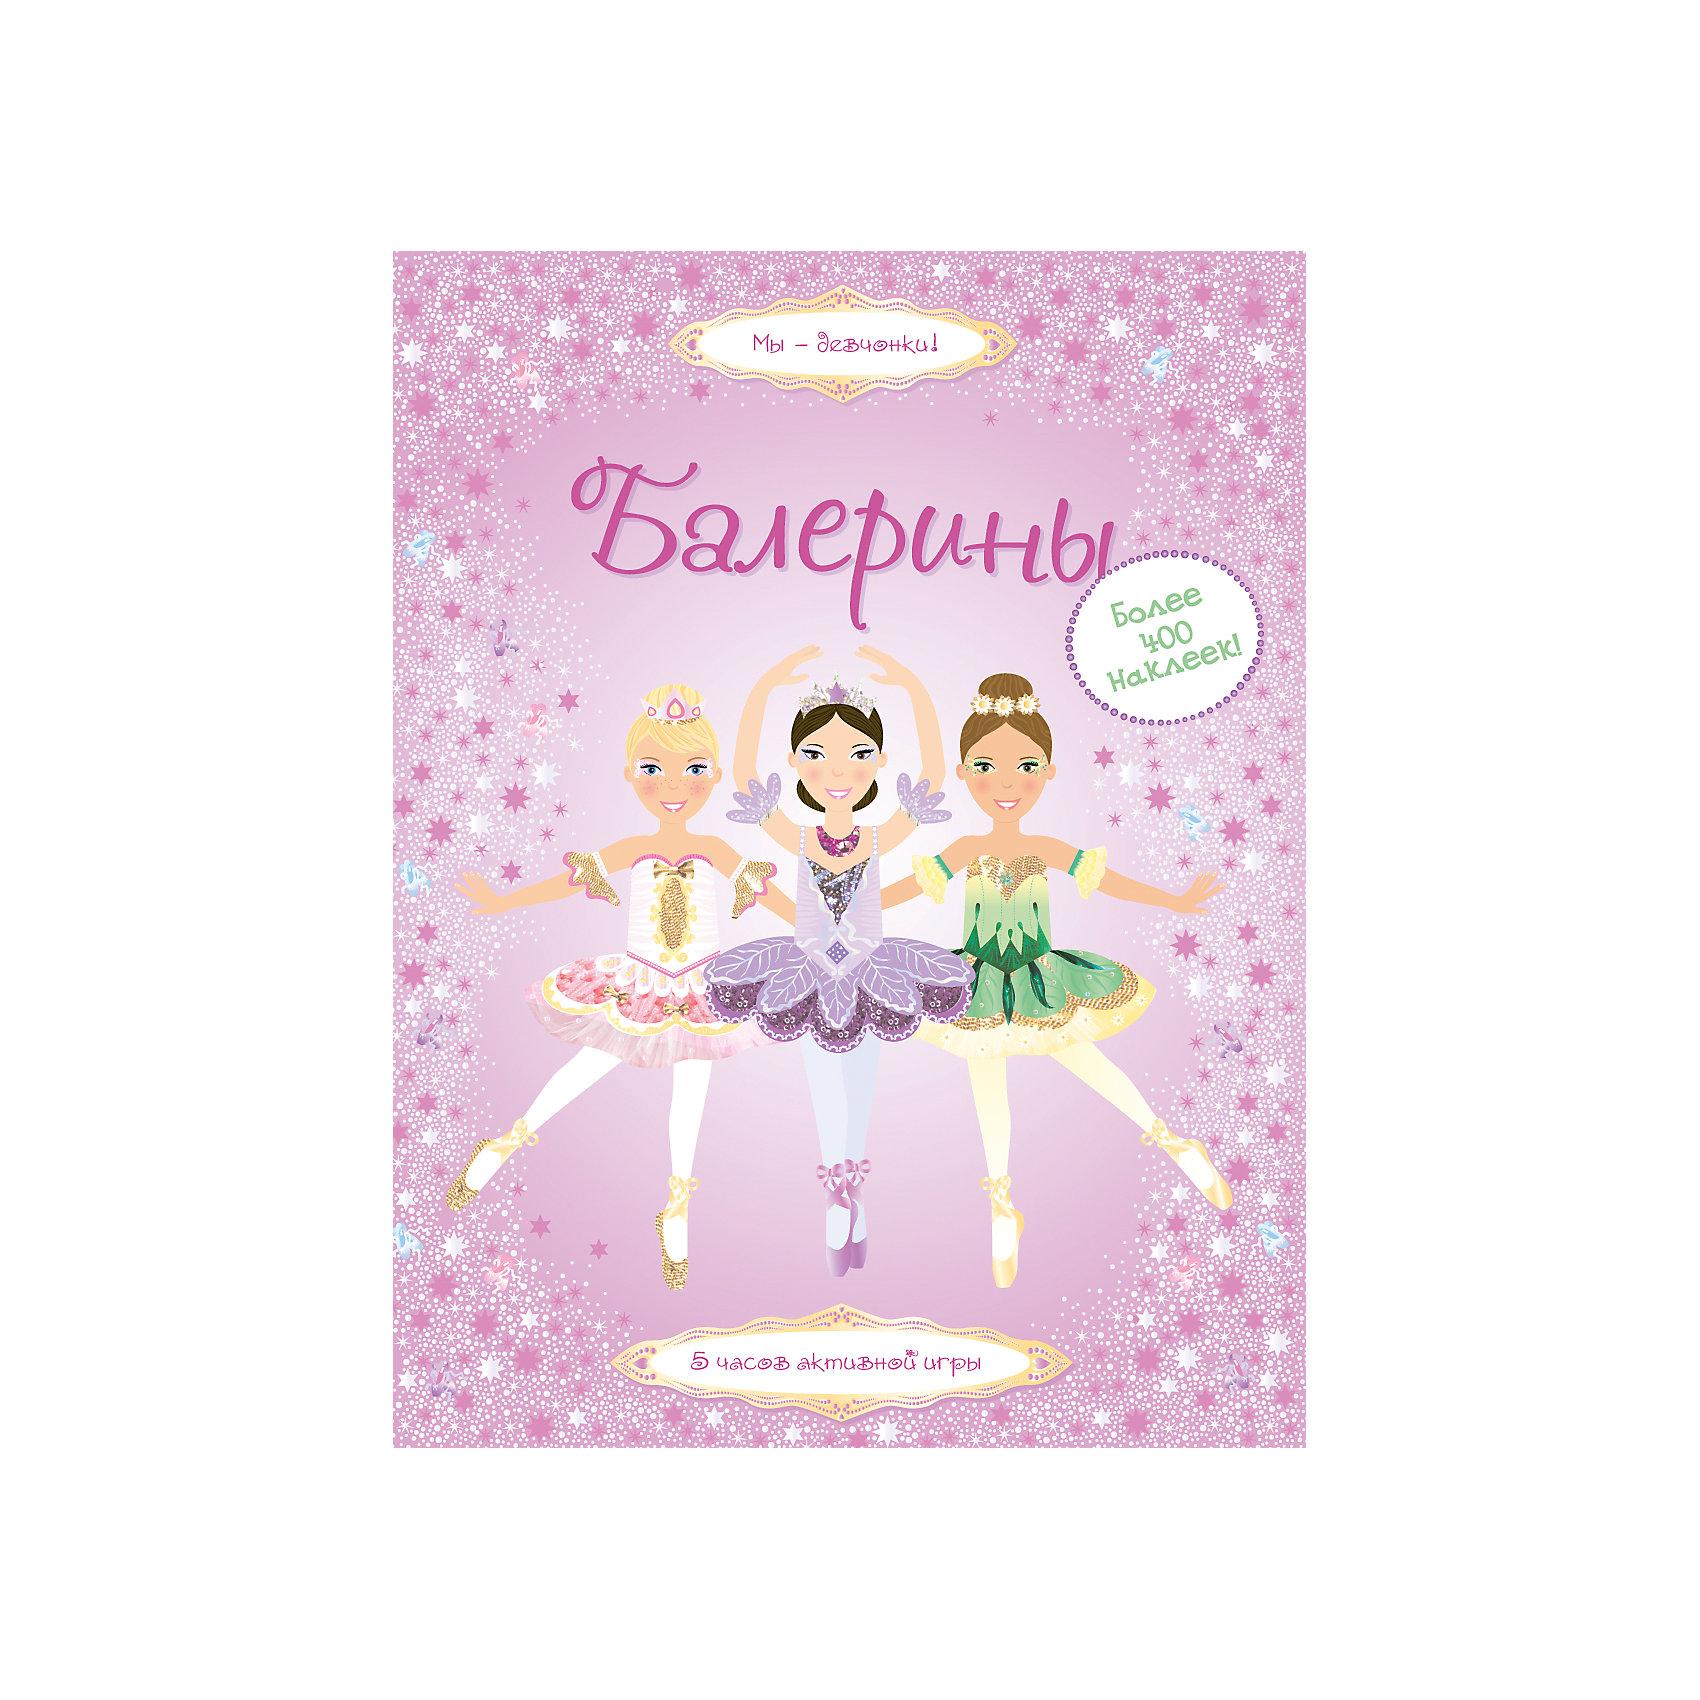 Балерины, СупернаклейкиВсе девчонки очень любят наряжаться! А ещё они с удовольствием поют и танцуют. Им нравится путешествовать, узнавать что-то новое и вообще во всём принимать активное участие… Эта красивая серия книг с наклейками станет отличным подарком для нашей маленькой читательницы, потому что здесь собраны все самые интересные темы! Весёлая игра поможет вырасти ей умной и любознательной, отзывчивой и доброй.<br><br>Ширина мм: 305<br>Глубина мм: 240<br>Высота мм: 4<br>Вес г: 296<br>Возраст от месяцев: 84<br>Возраст до месяцев: 120<br>Пол: Женский<br>Возраст: Детский<br>SKU: 4818142